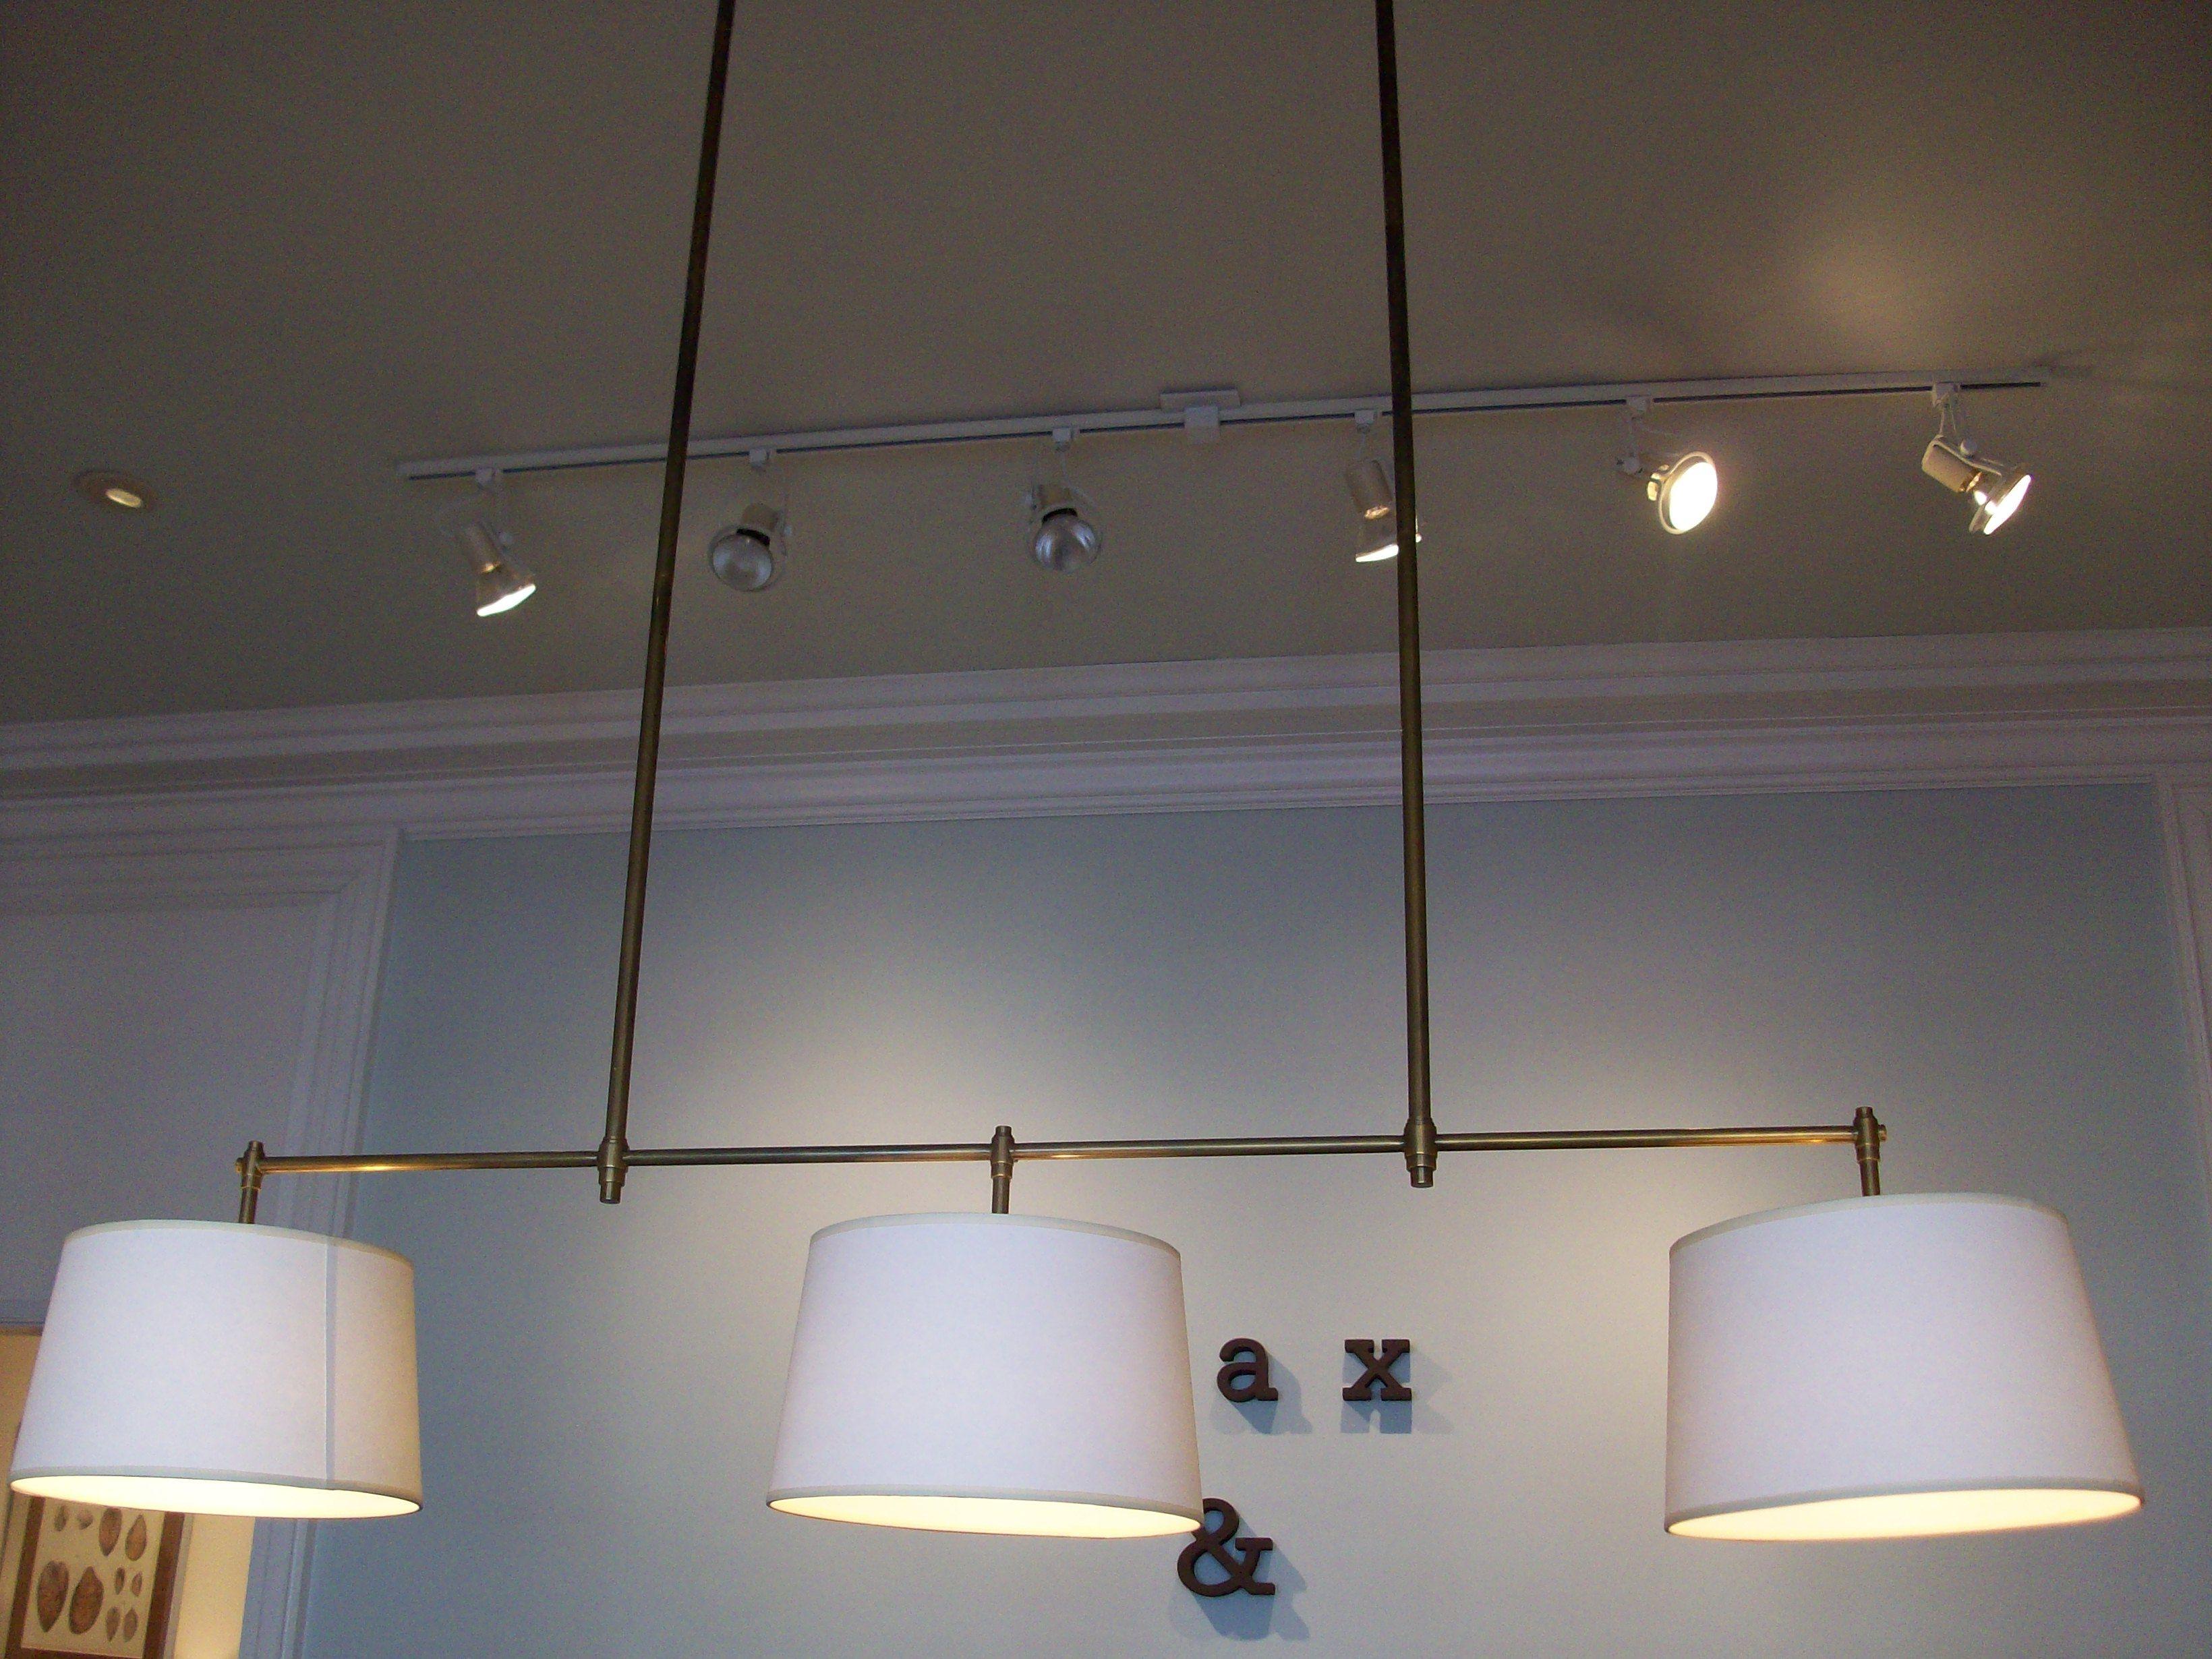 for sunroom from Mrs. Howard 875 Ceiling lights